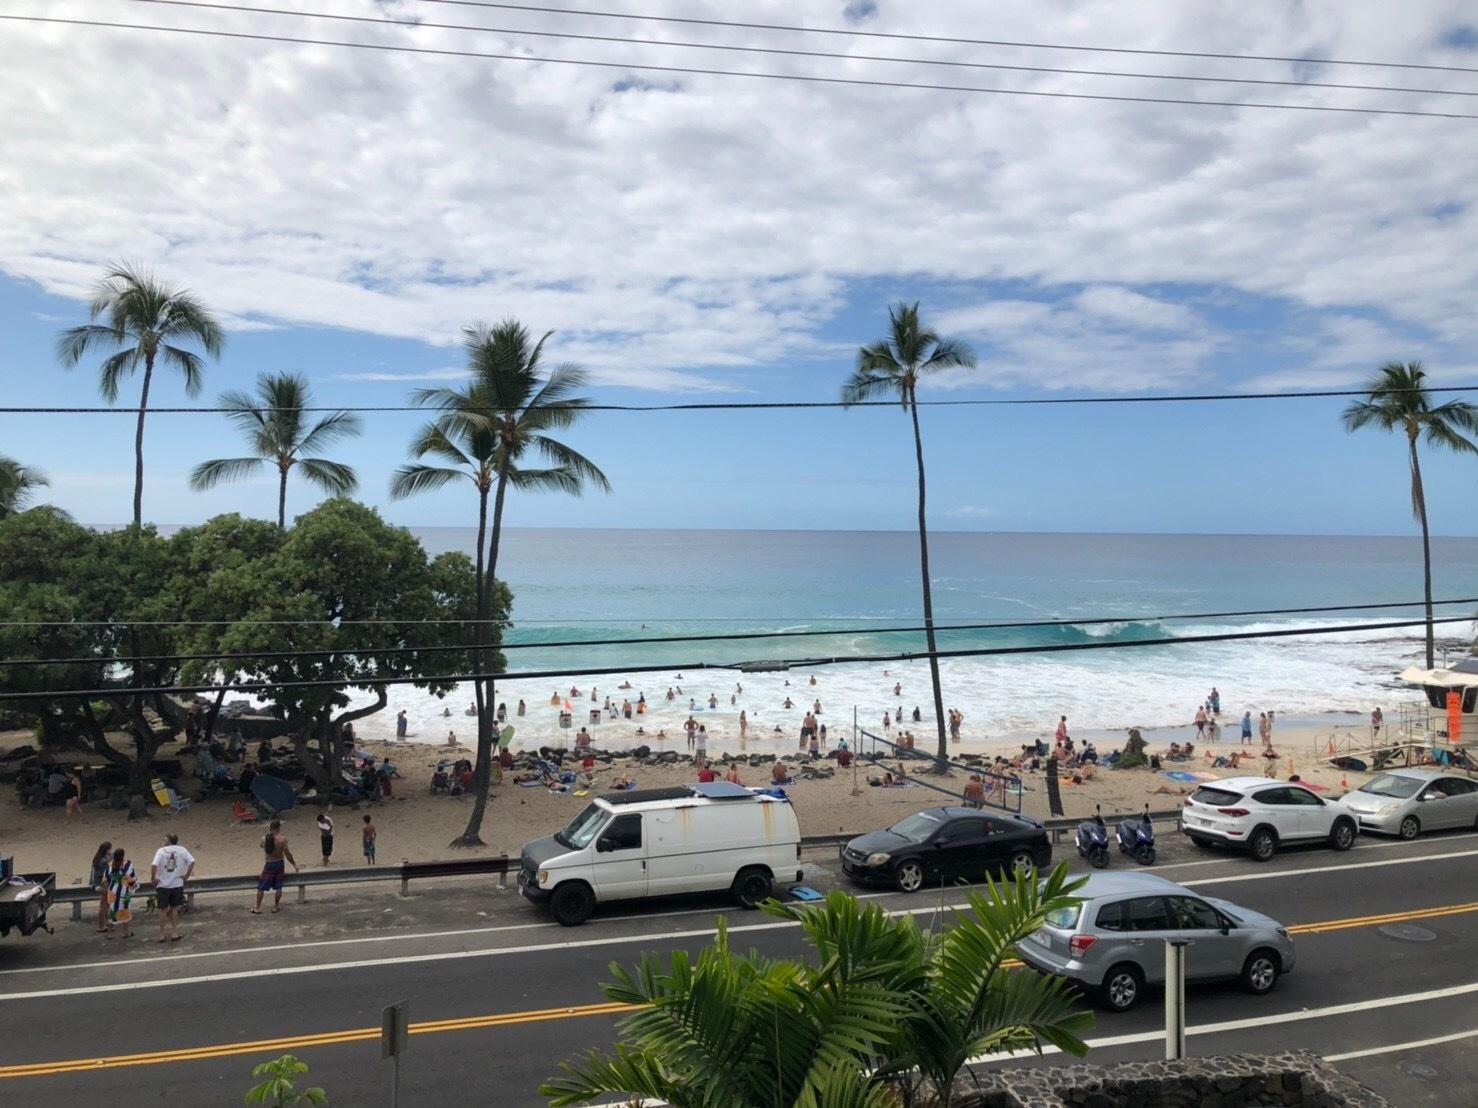 2019お正月ハワイ島へ!~コナホワイトサンドコンドミニアム~_f0011498_15213869.jpg